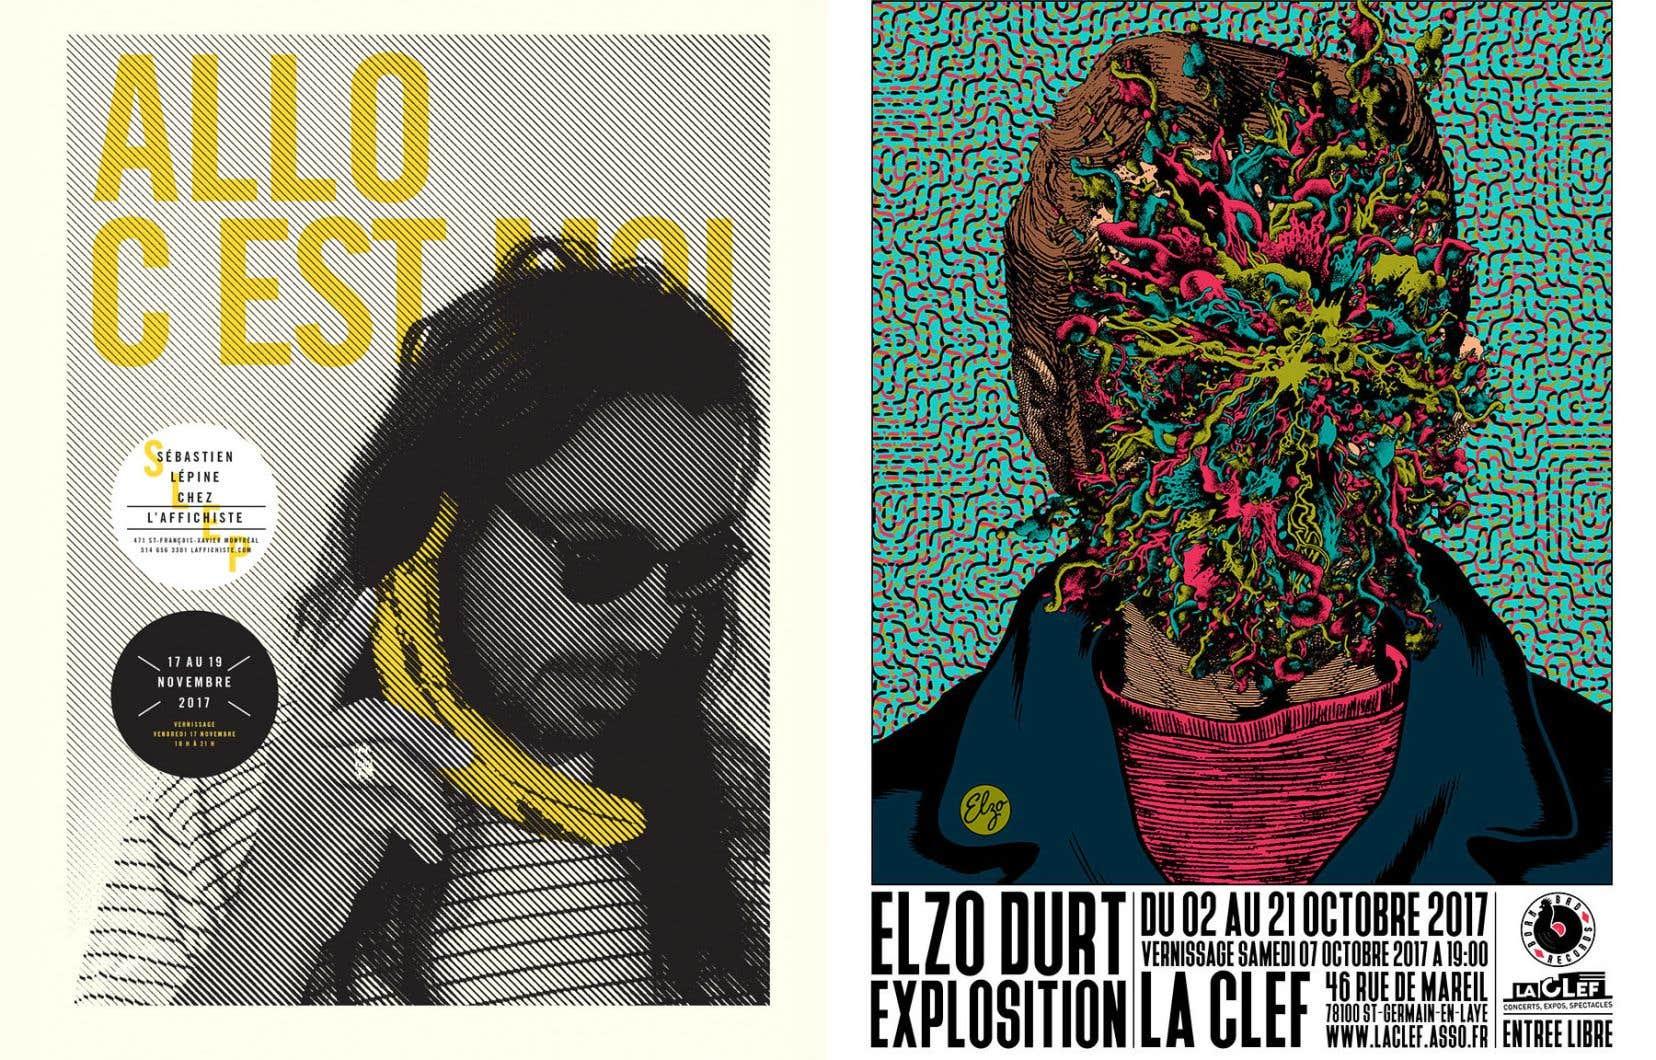 Le style du Québécois Sébastien Lépine (à gauche) se démarque par son emploi des tons pastel et des jeux de transparence, tandis que celui du Belge Elzo Durt (à droite) emprunte autant à l'Art déco qu'aux cultures psychédélique et punk.